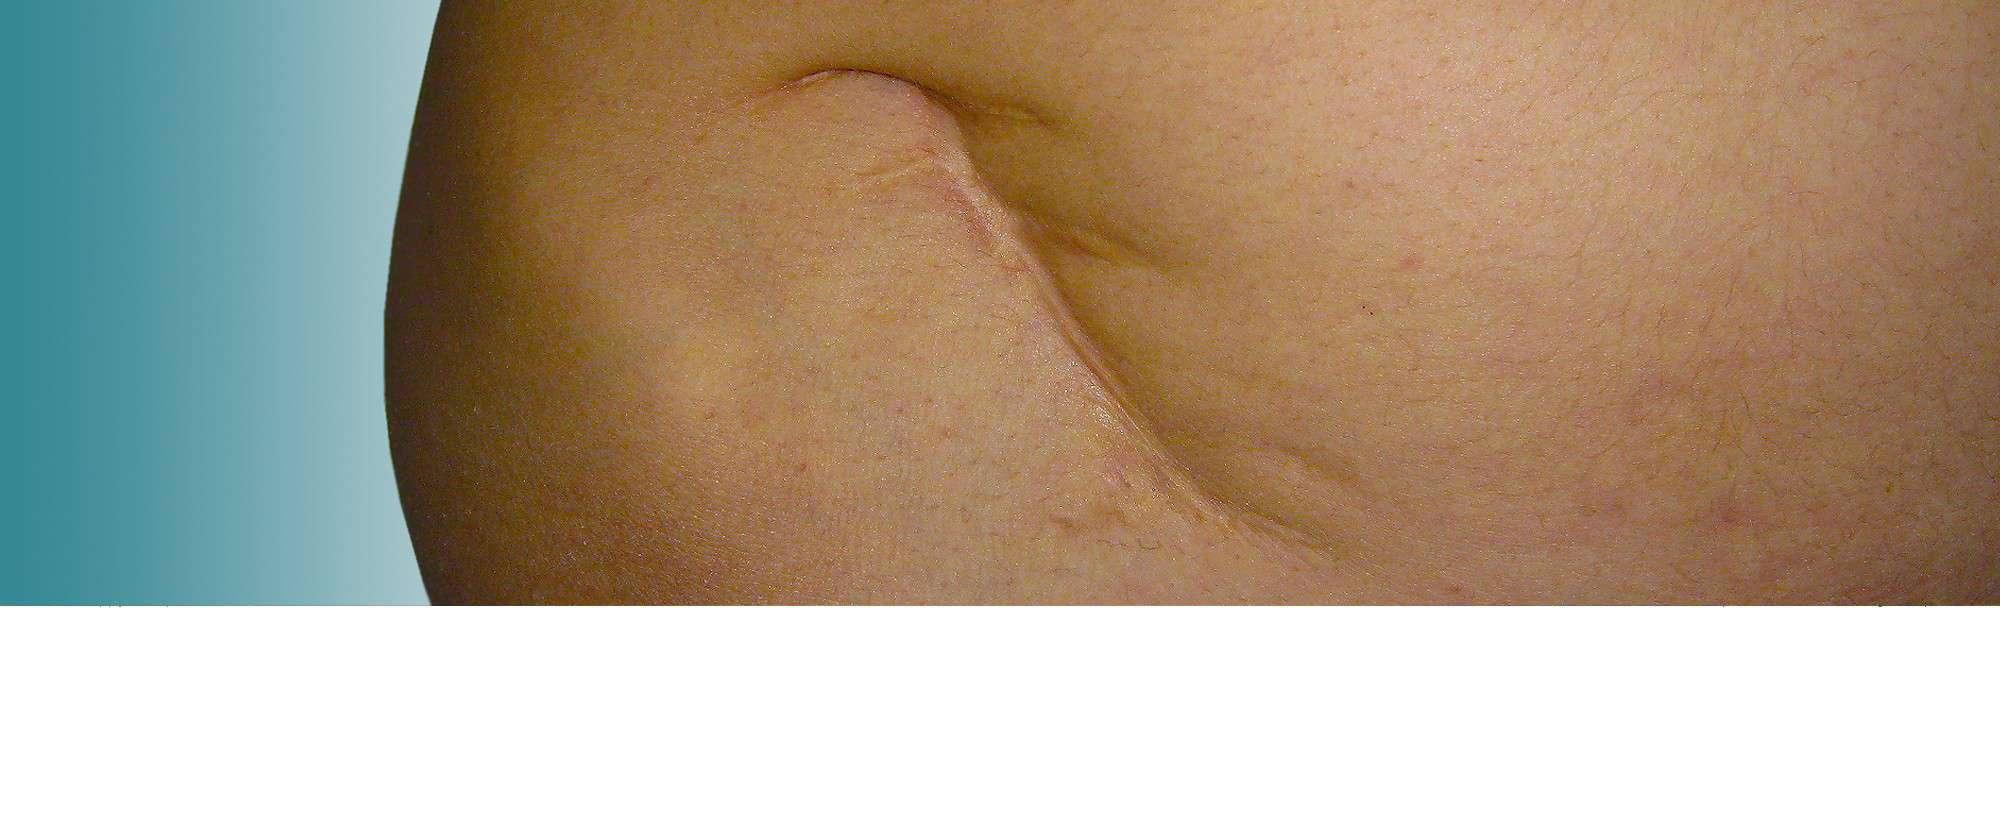 cicatrices joaquim sunol cirugia plastica secundaria